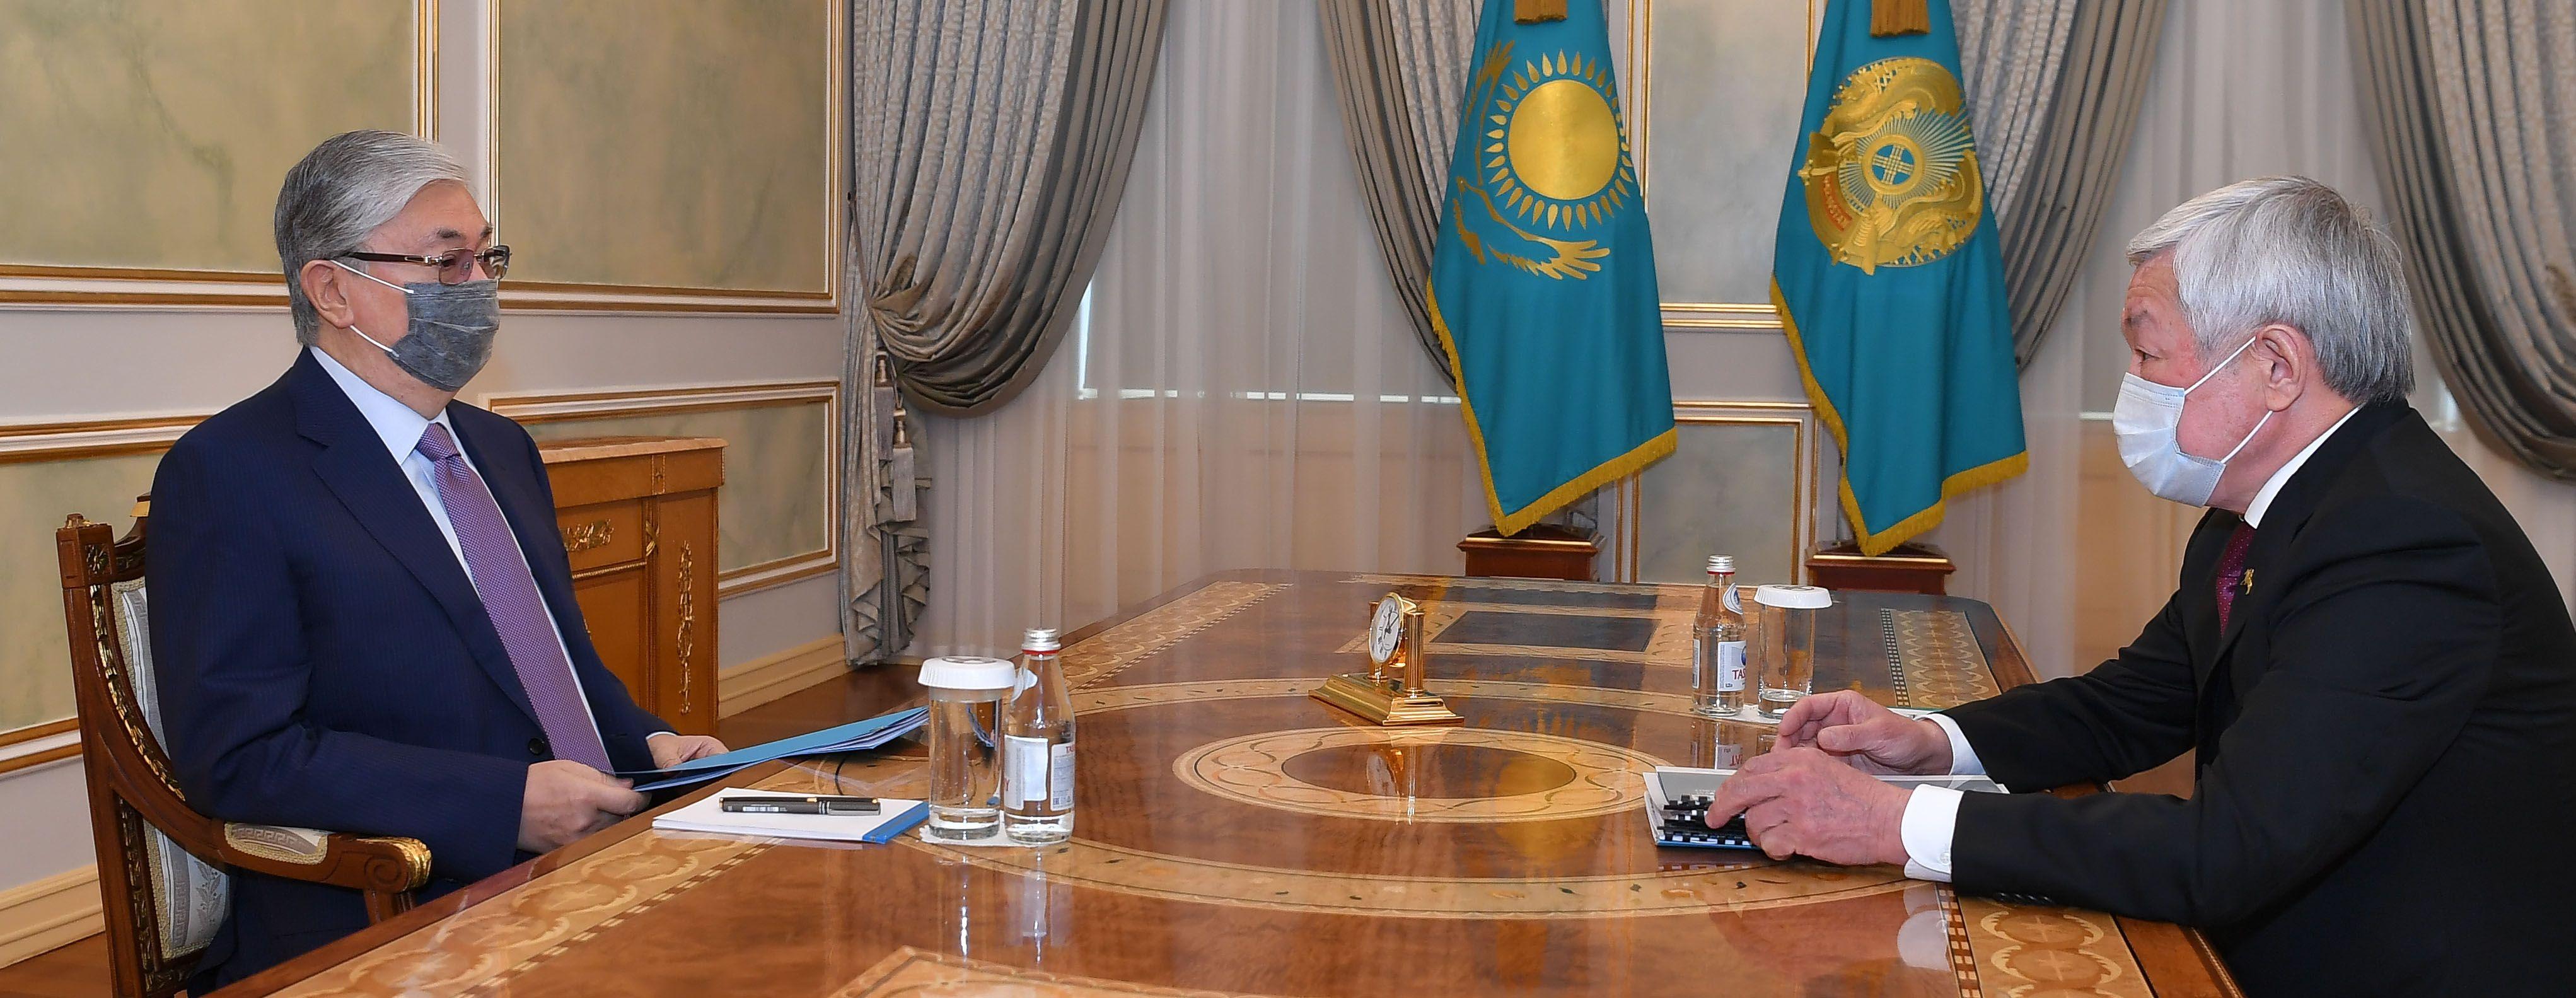 Бердибек Сапарбаев отчитался о развитии Жамбылской области - Kapital.kz